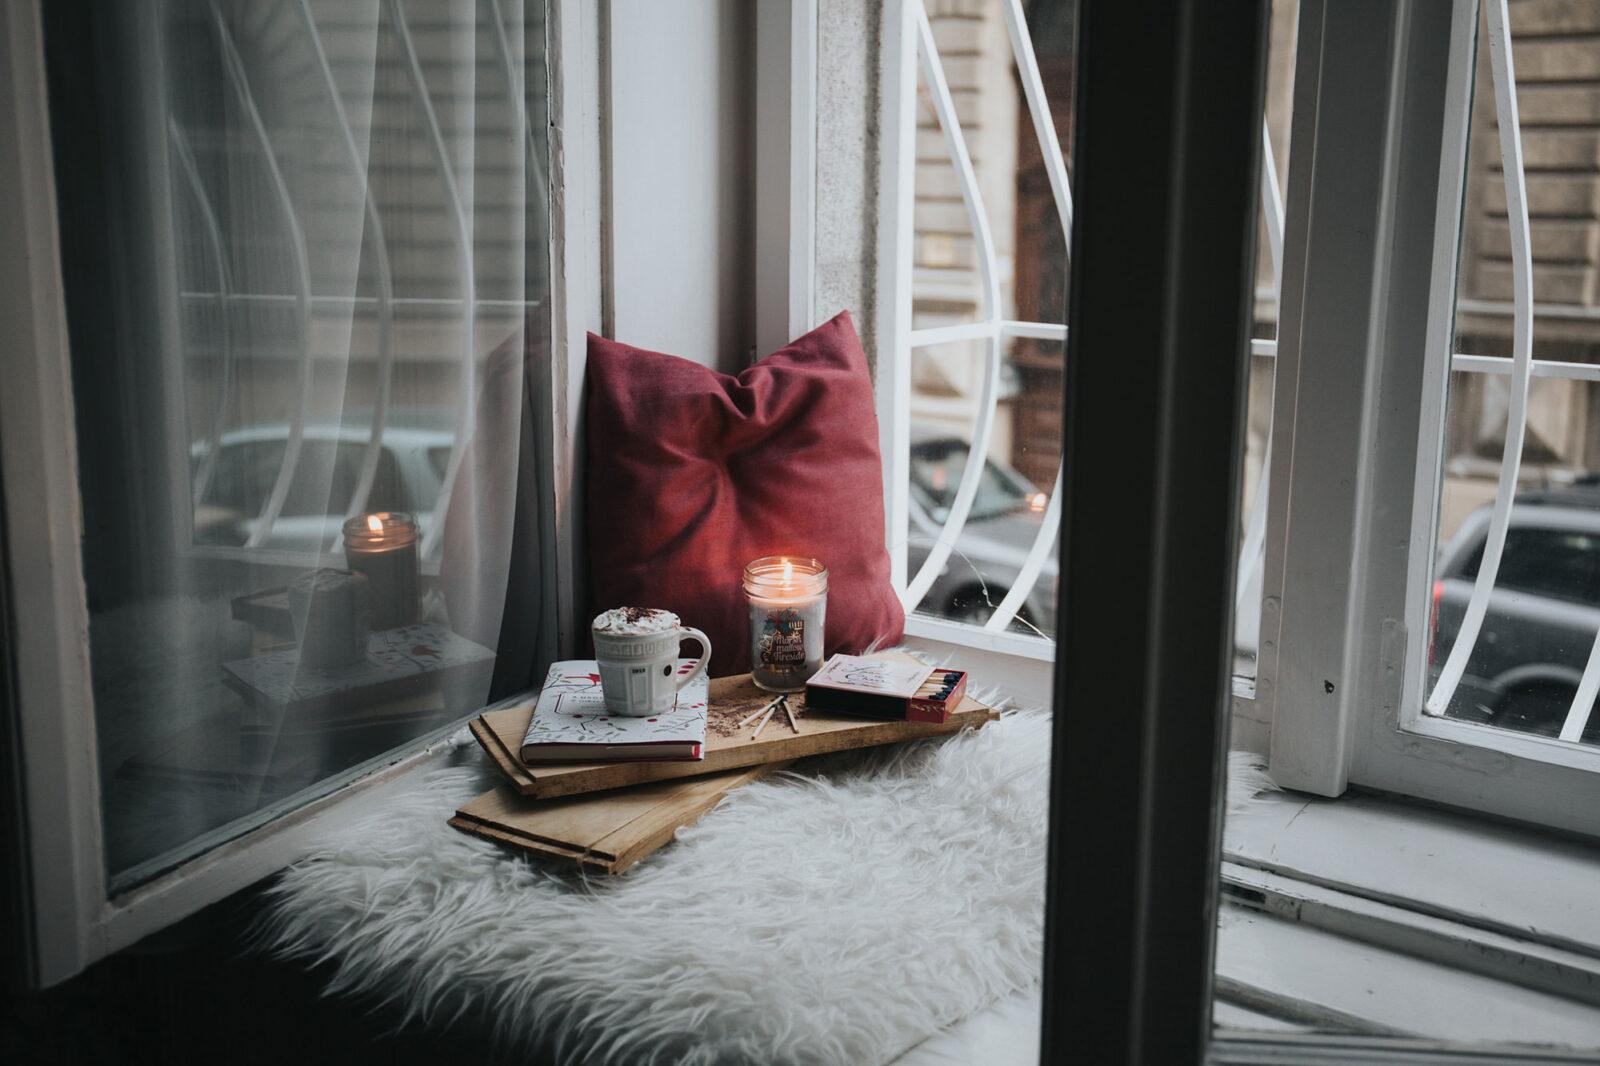 reading nook, cozy space, book